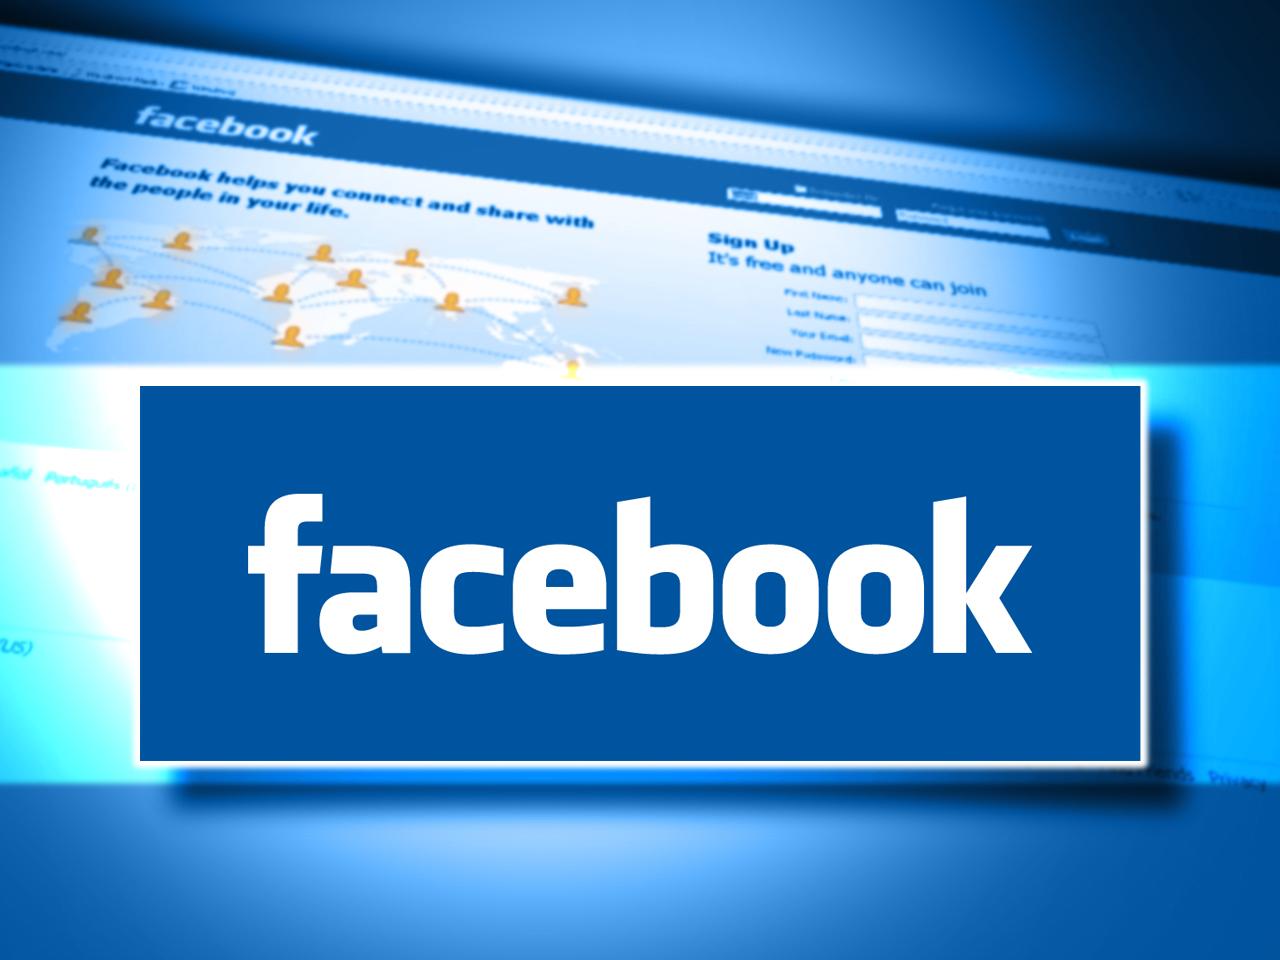 اسباب اغلاق او حذف صفحتك علي الفيس بوك وكيفية استعادتها